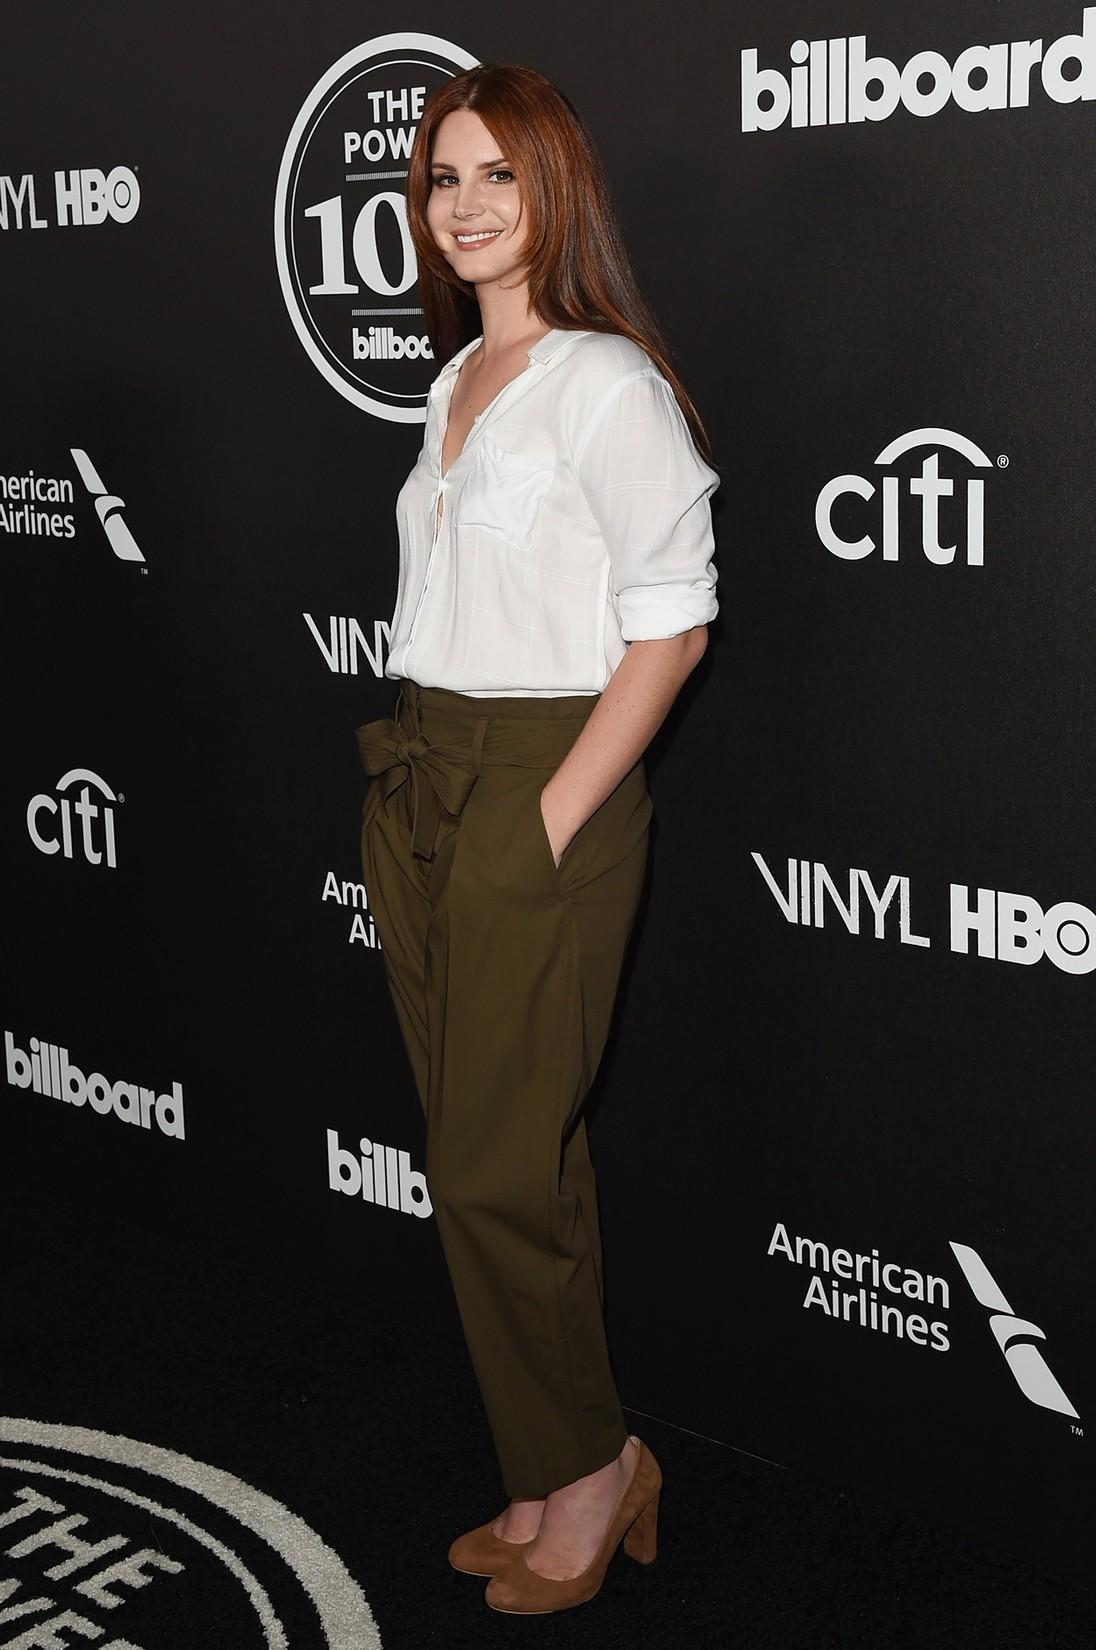 Lana Del Rey attends 2016 Billboard Power 100